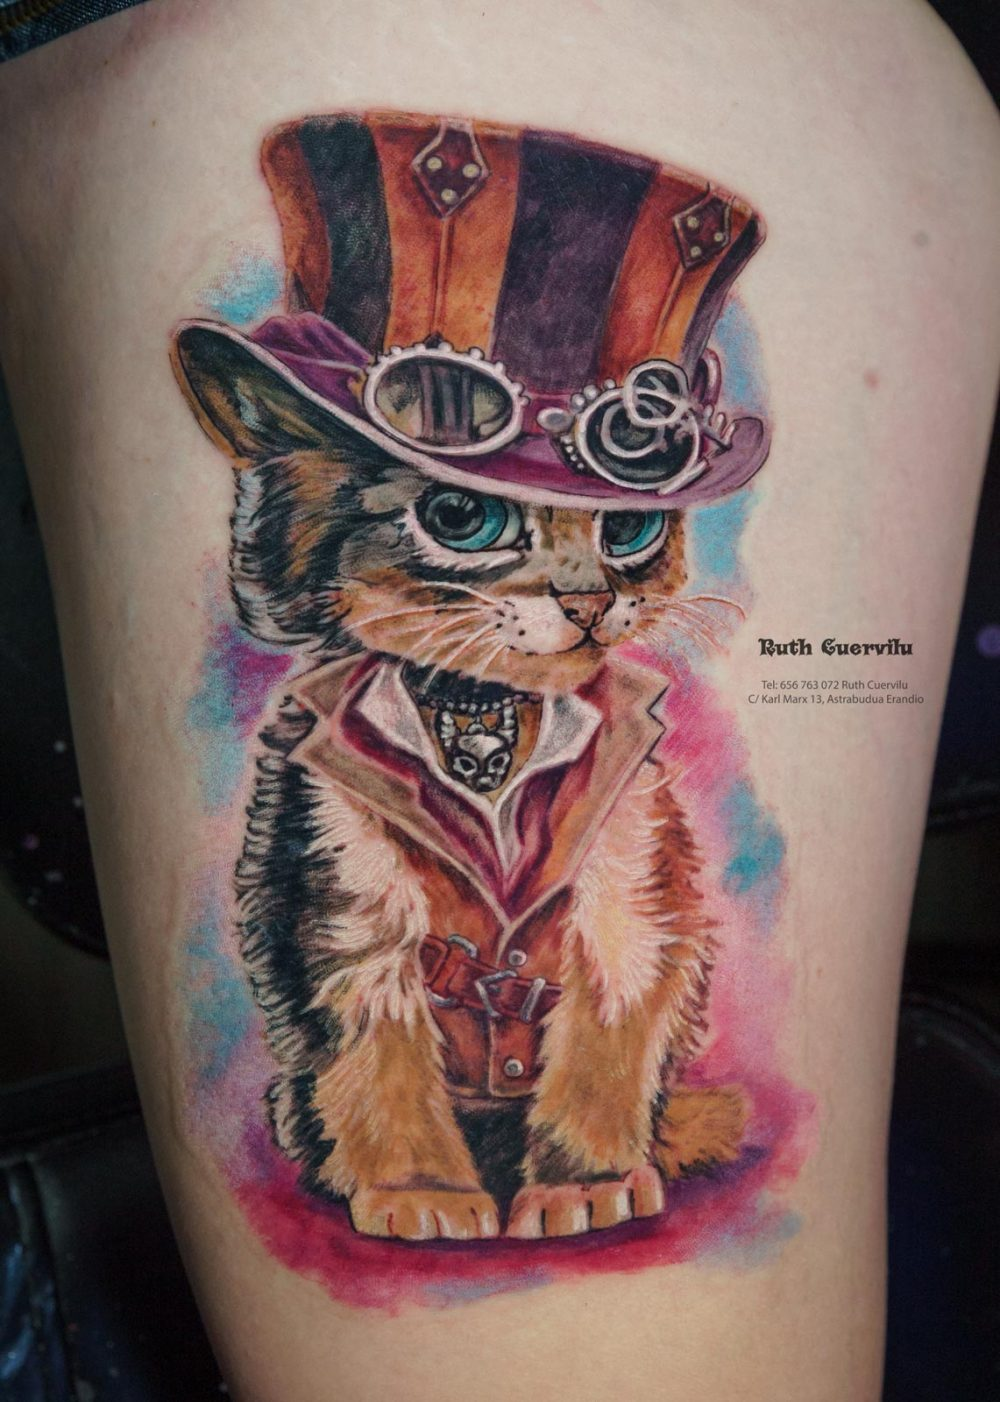 Tatuaje Gato Steampunk - Ruth Cuervilu Tattoo - KM13 Studio - Estudio de tatuajes en Astrabudua Erandio Getxo, Bilbao Bizkaia Basauri barakaldo portugalete Gasteiz Leioa - Ilustracion de Kajenna Art